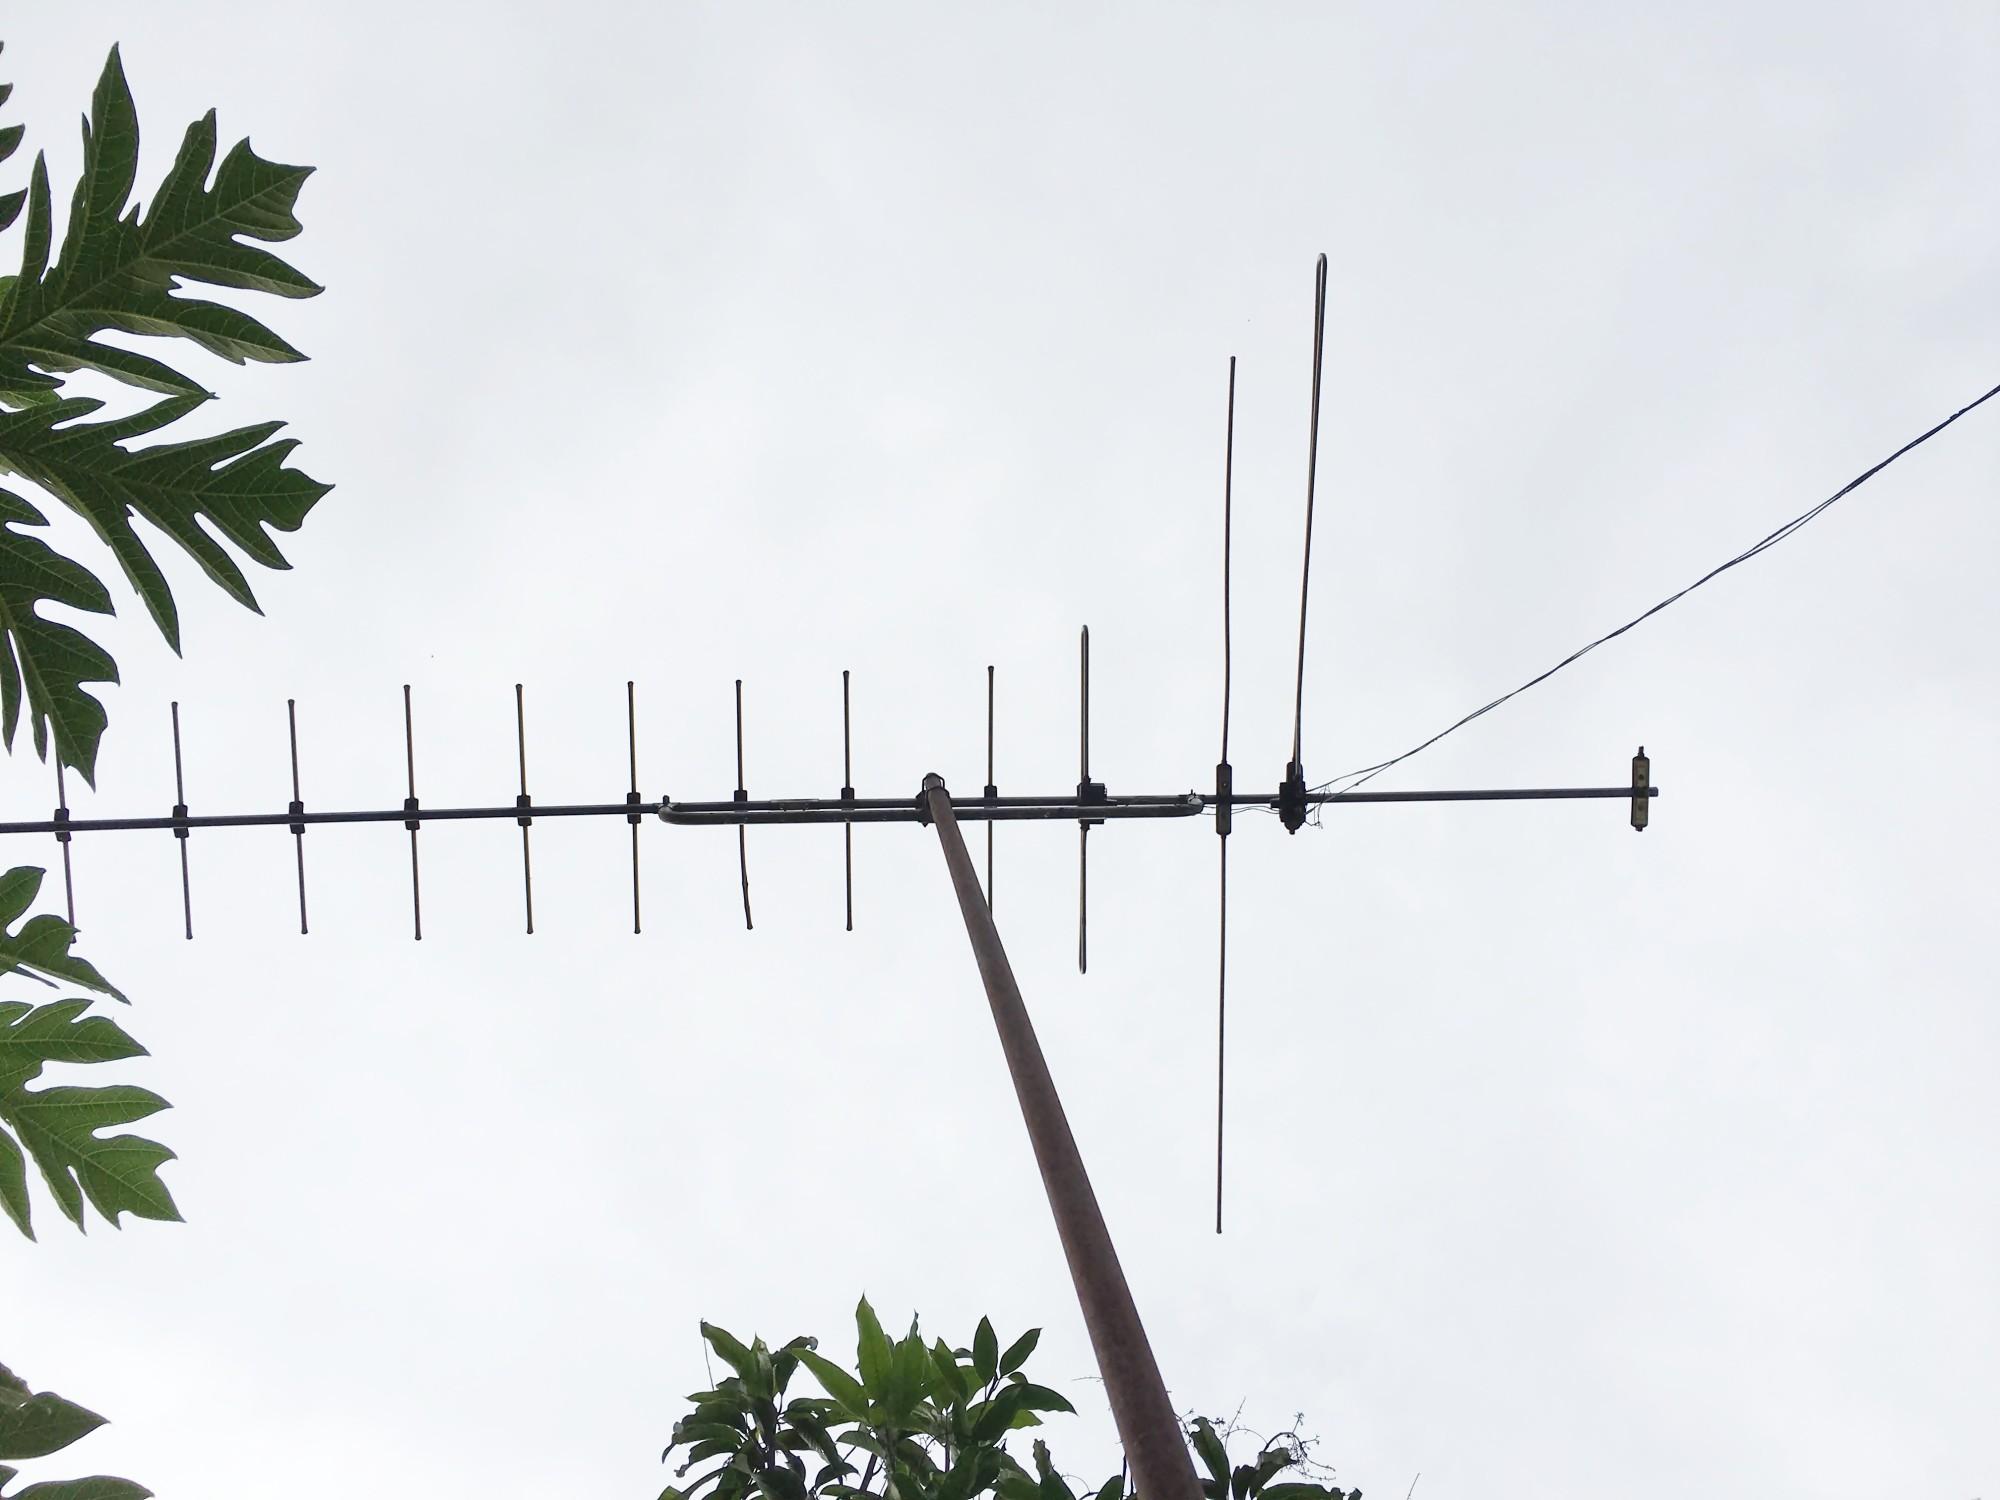 How Do TV Antennas Work? A Basic Guide